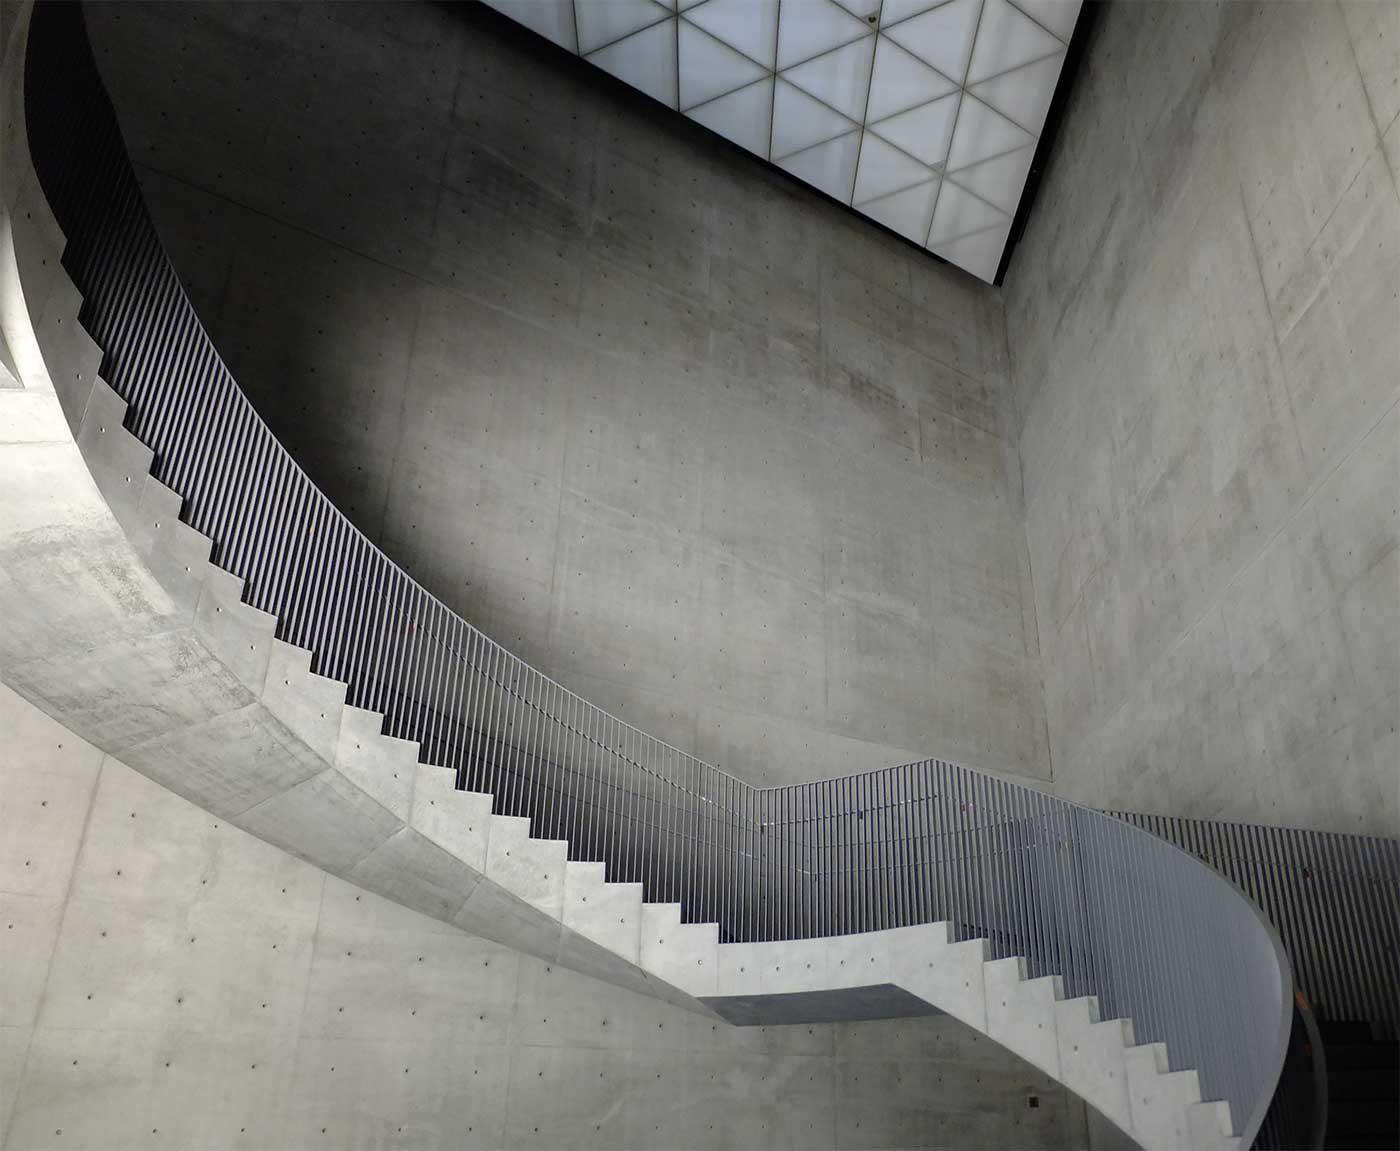 Stairs at Akita Museum of Art